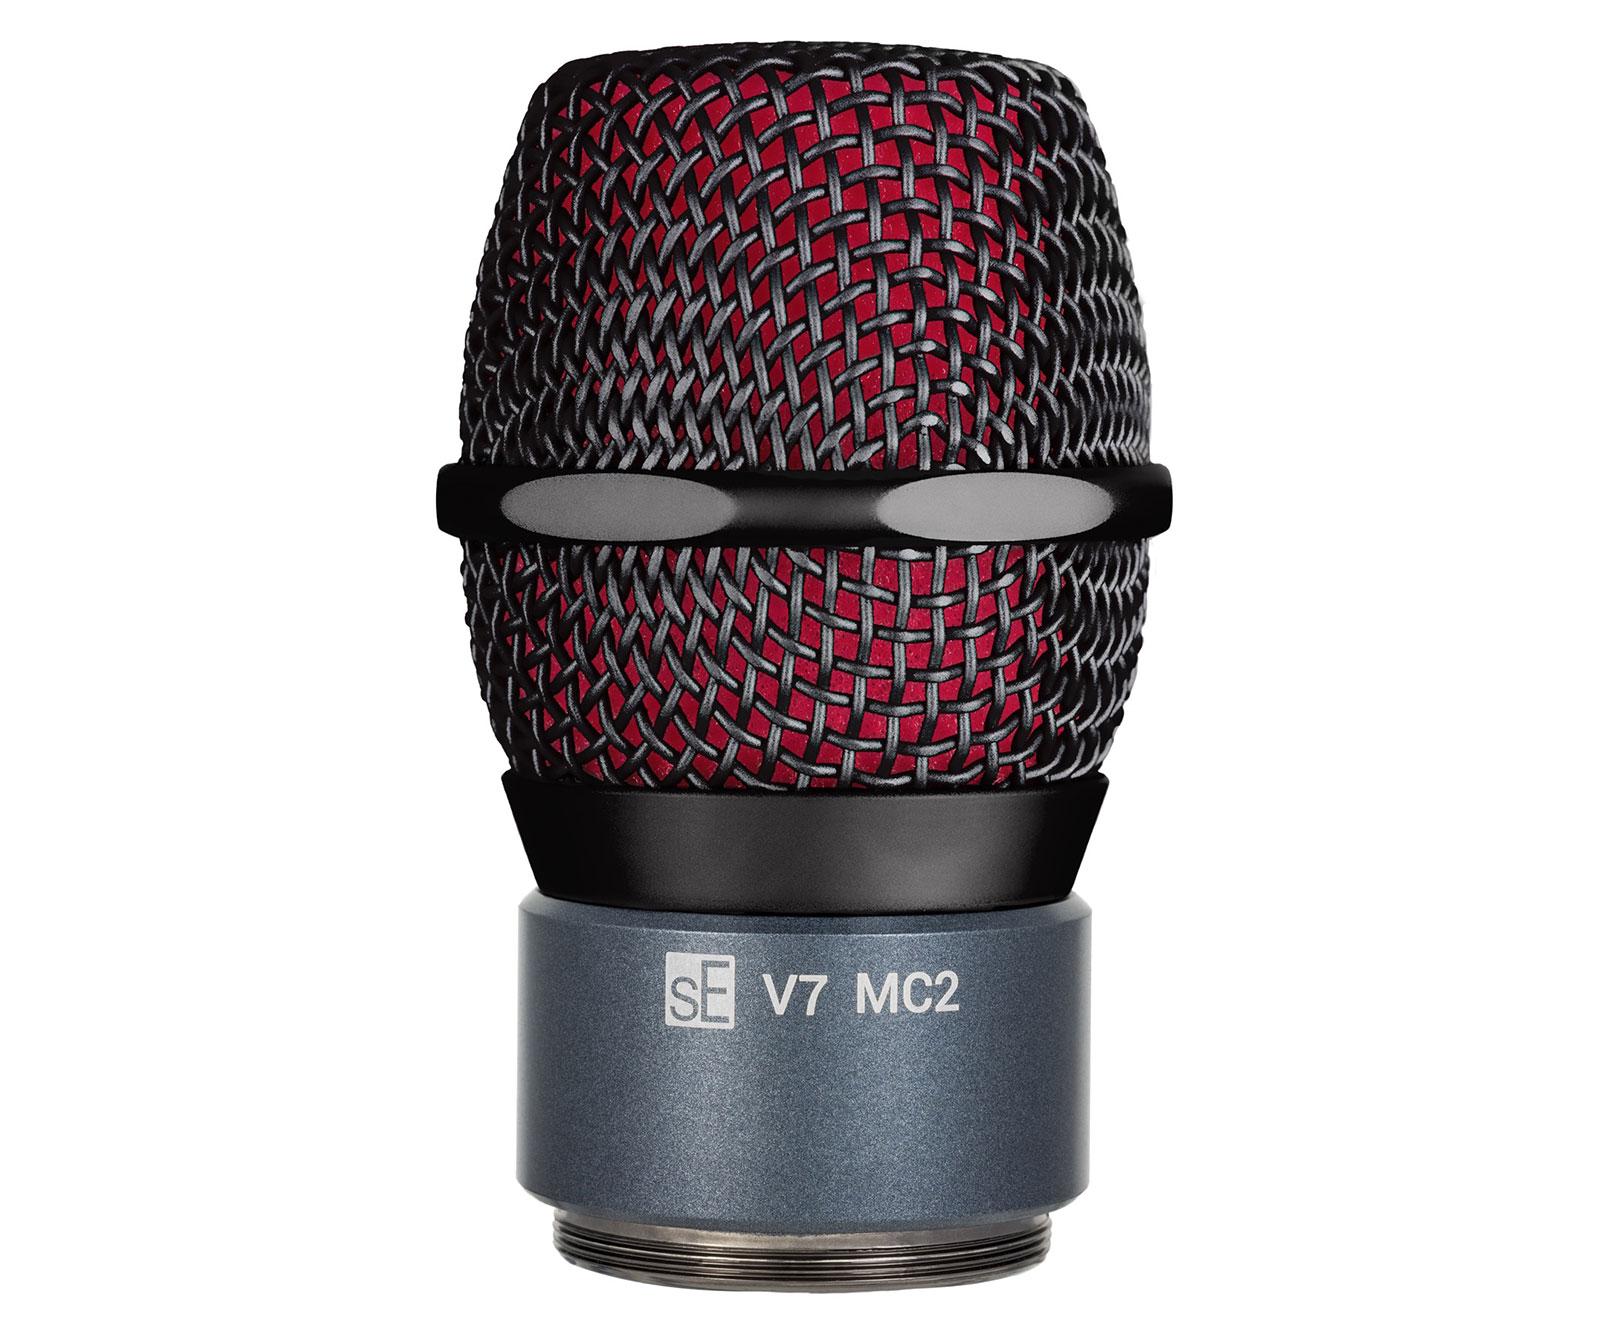 v7-mc2-1.jpg